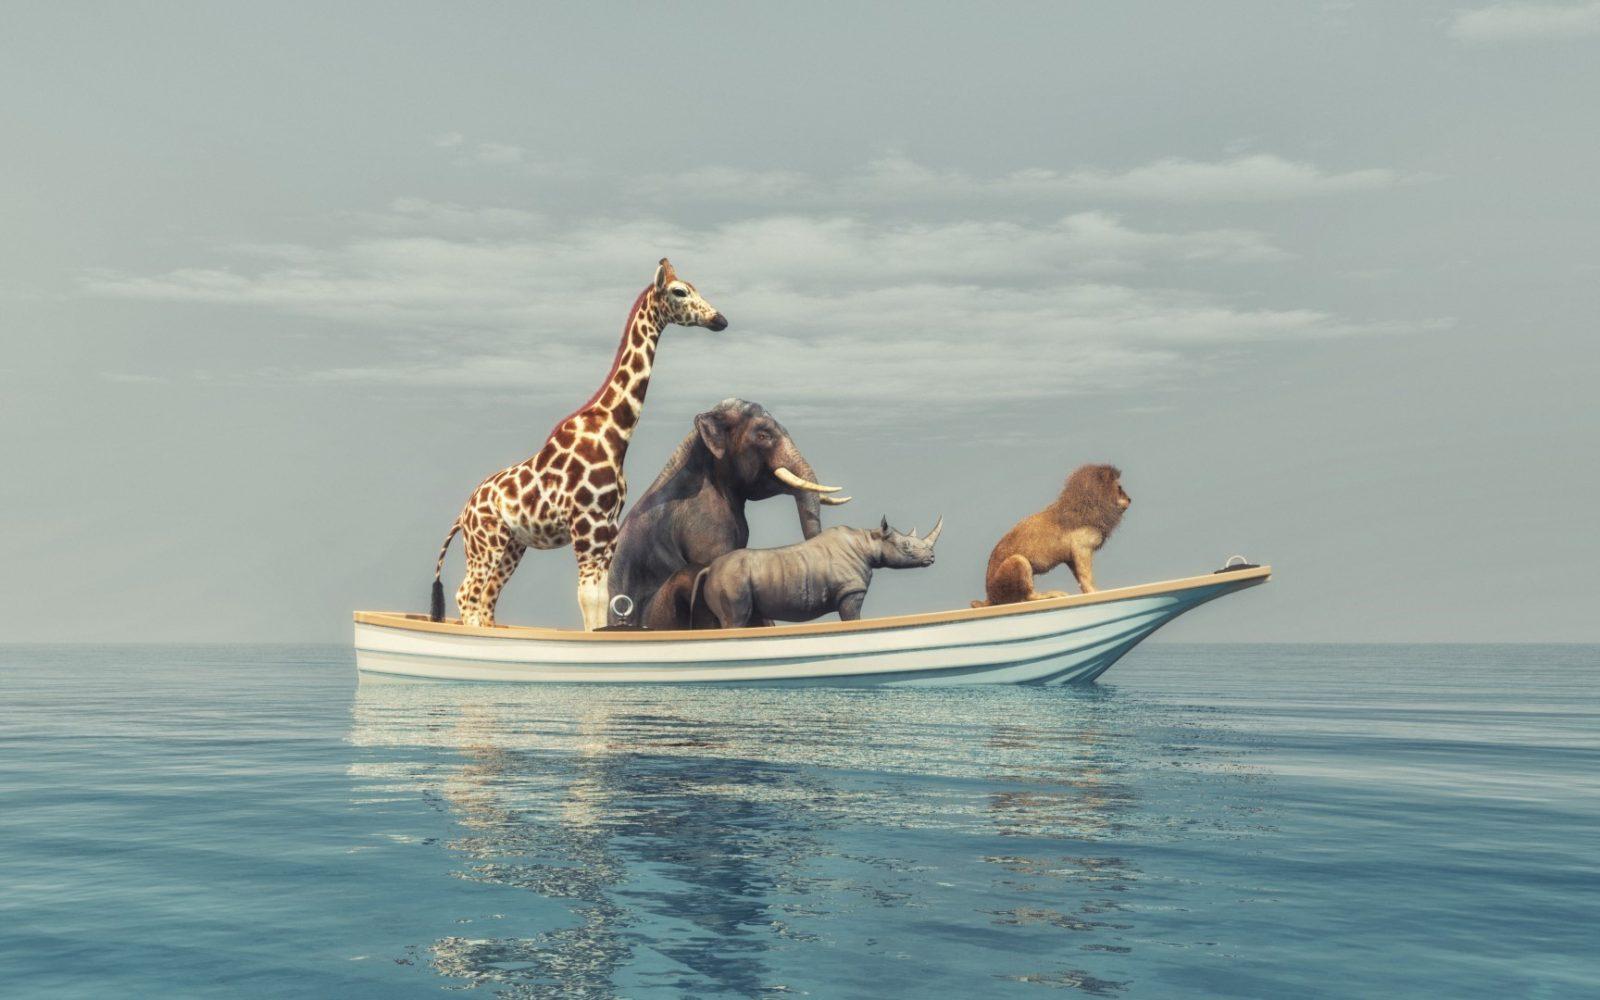 DLF - Digital Leaders Fund - Giraffe, Elefant, Nashorn und Löwe auf einem kleinen Boot auf dem Ozean